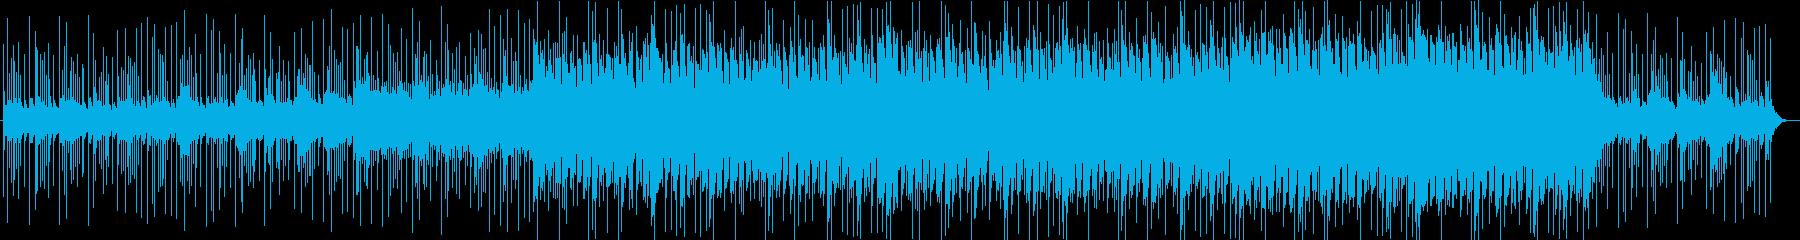 ギターのやわらかなコーポレート曲4つ打ちの再生済みの波形